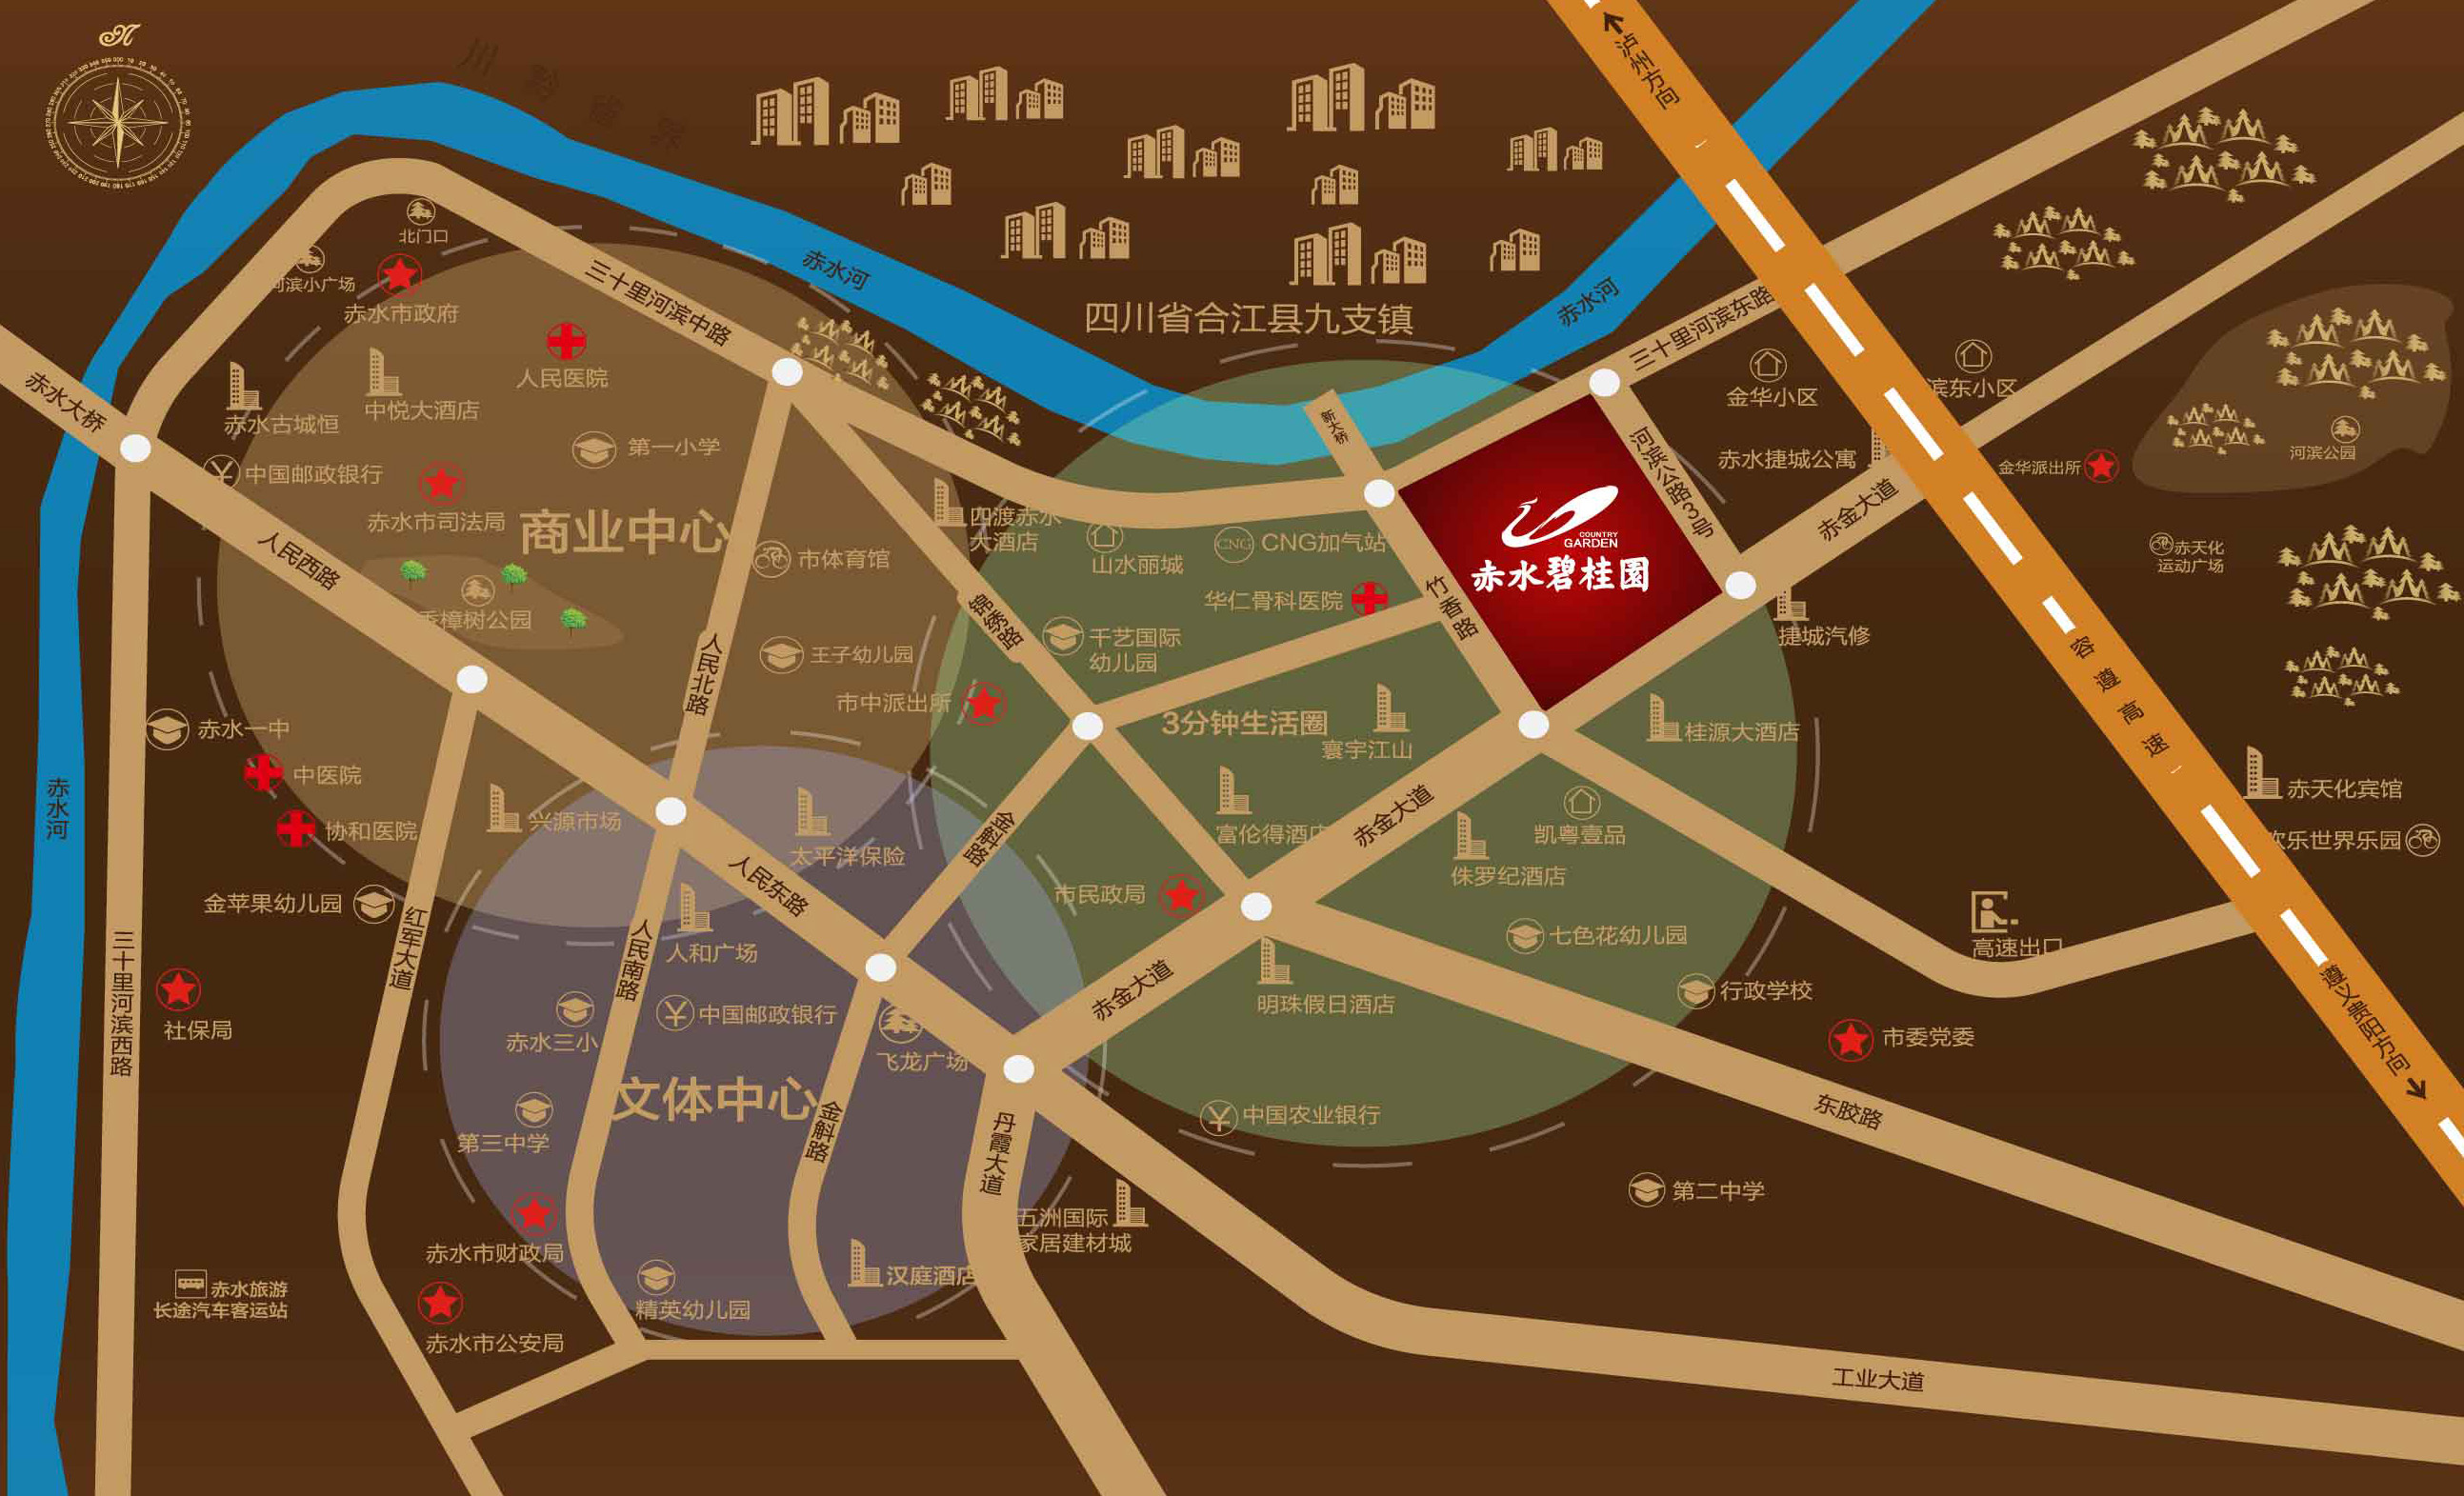 赤水河畔尊贵人居 赤水碧桂园毛坯新品 购房享车位-中国网地产